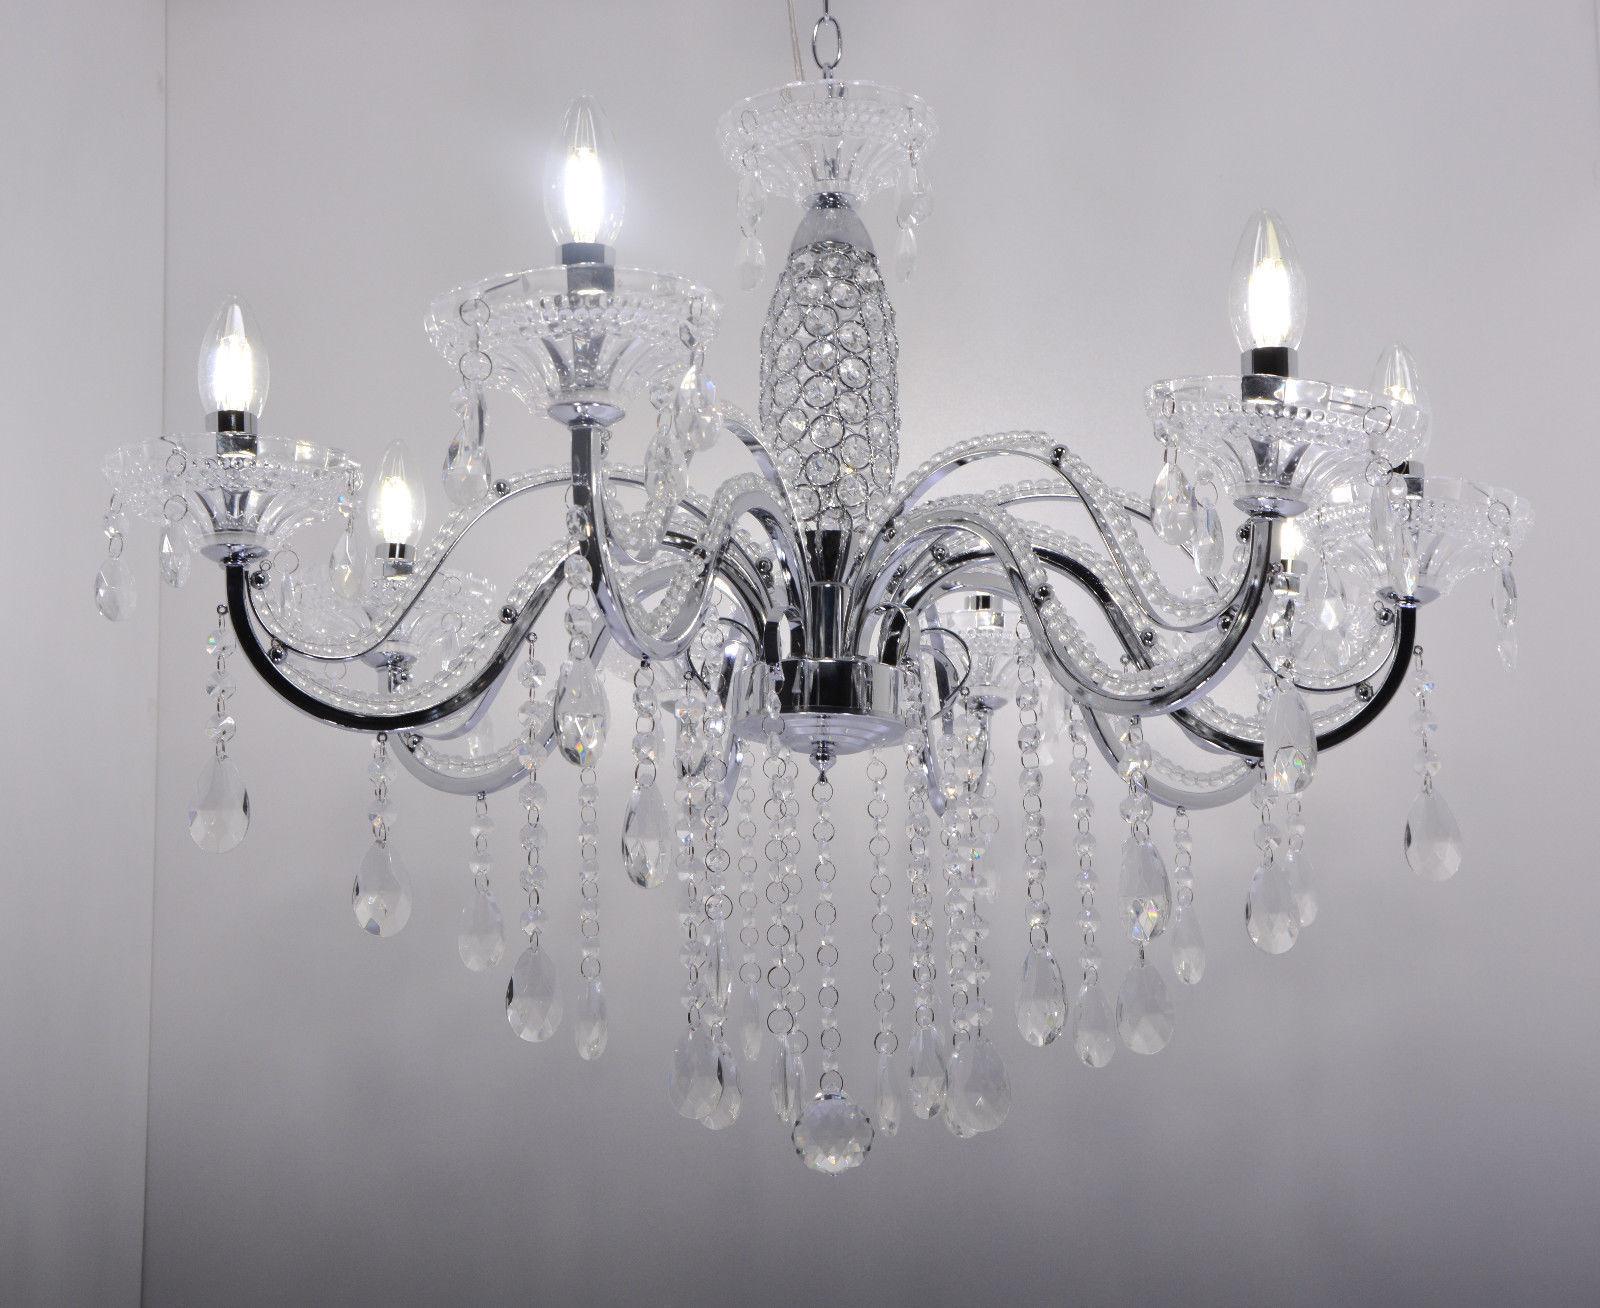 Hängelampe Kronleuchter Kristall ~ Pendelleuchte hängelampe leuchte deckenlampe kronleuchter kristall